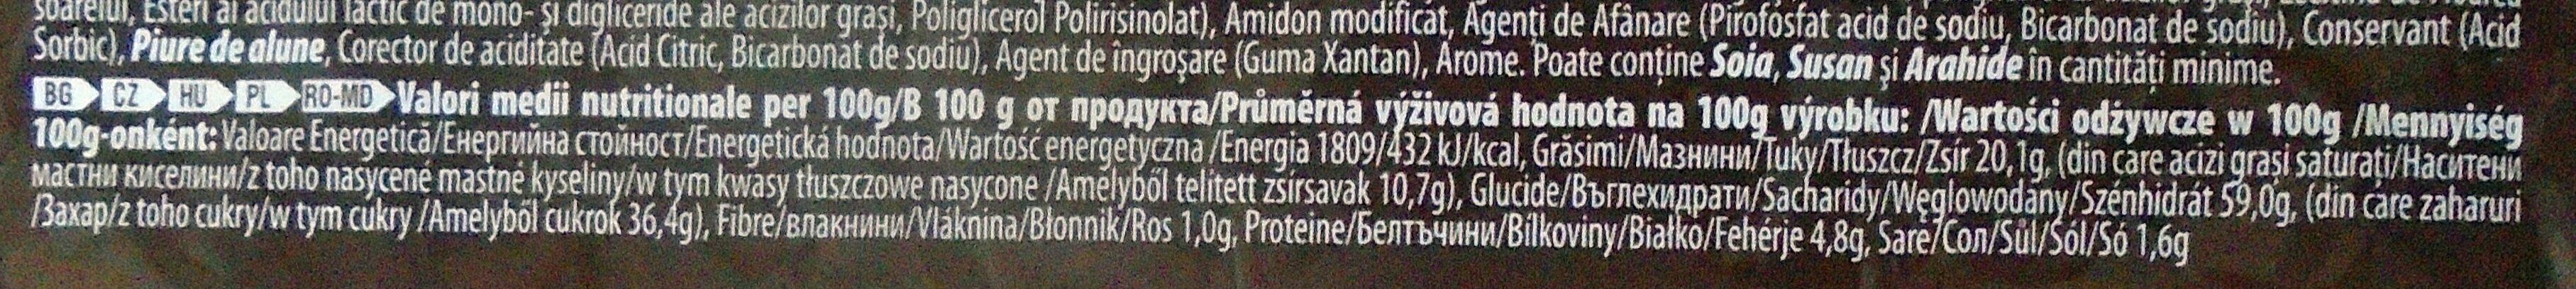 Adicto Go Prăjitură cu cremă de cacao și glazură de cacao - Wartości odżywcze - pl